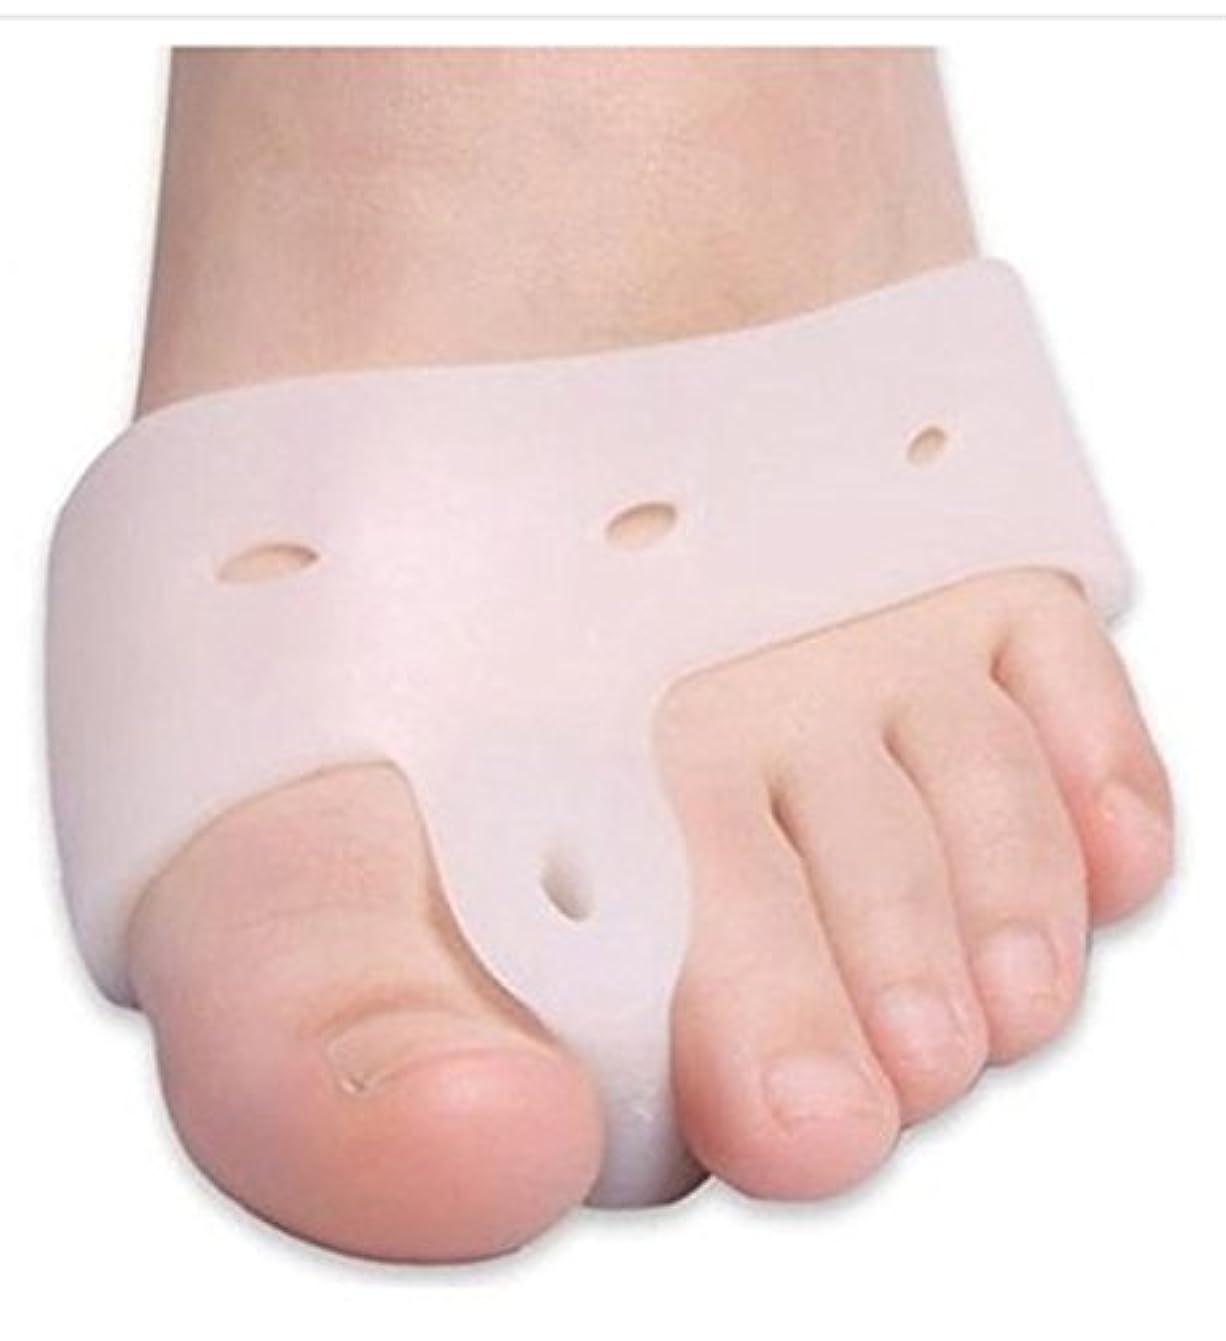 看板応答マンモスWorld Star® Original Deluxe Bunion Pad & Toe Spacer - 2 Pieces - Soft Gel Toe Separators for Active People - Pain...